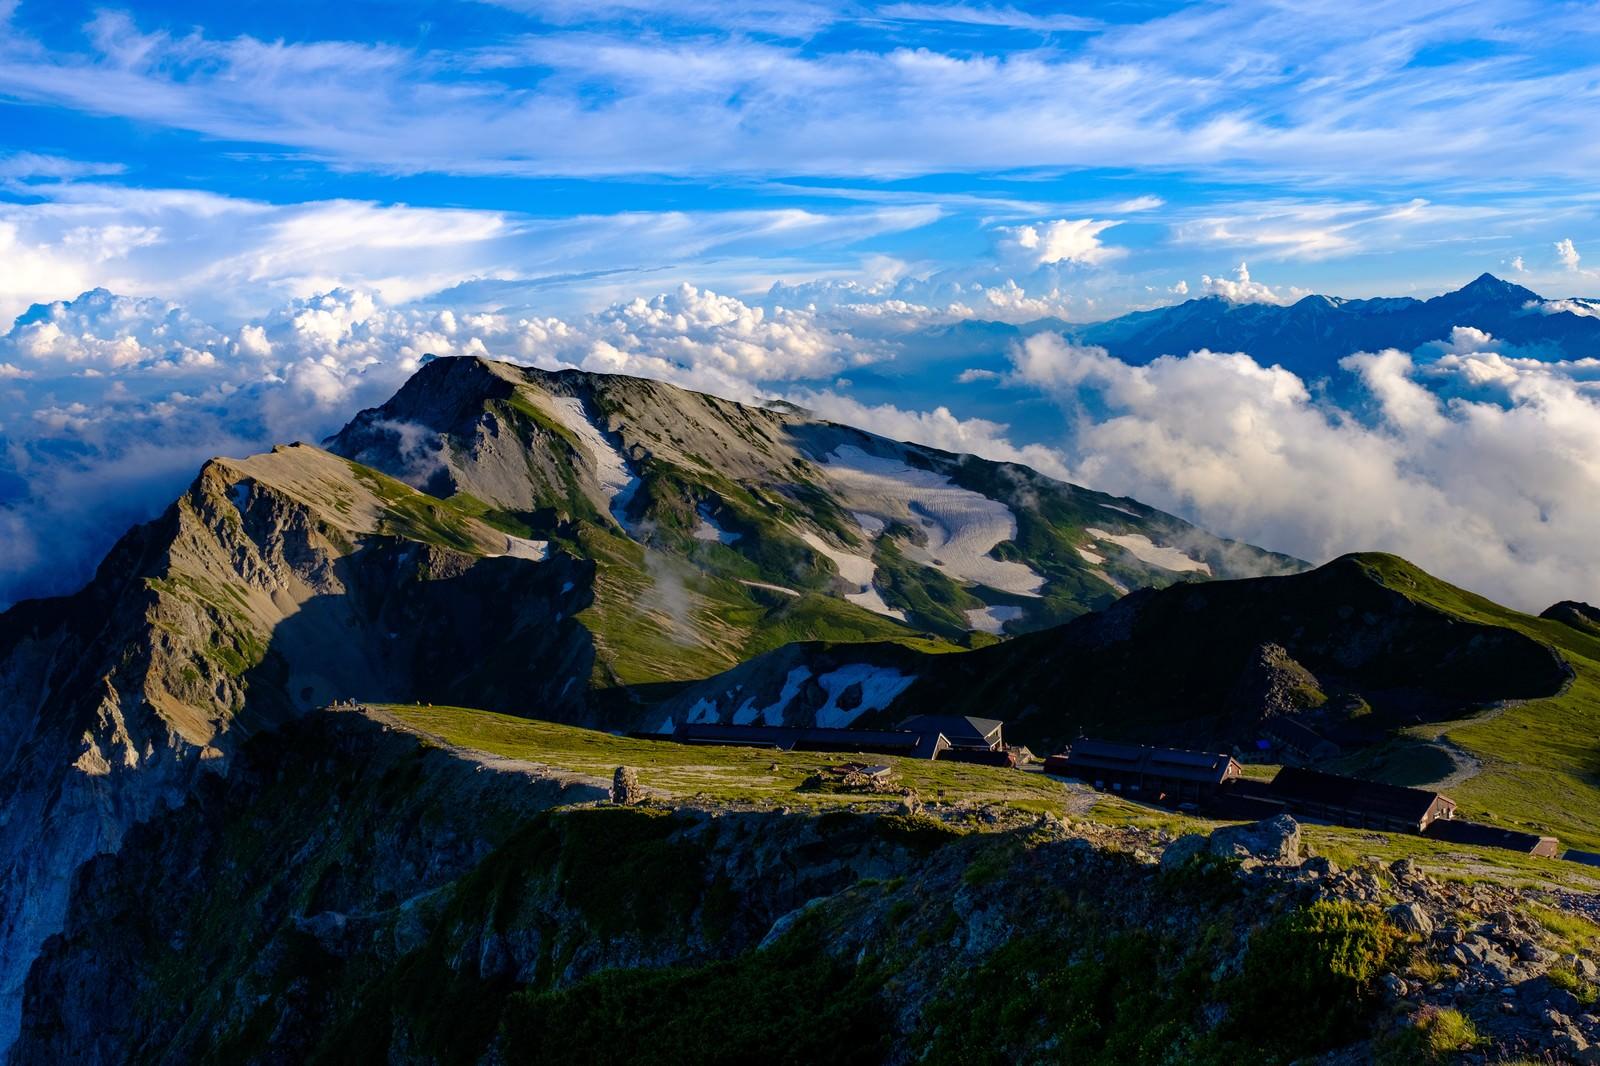 「夕方の白馬連峰(白馬岳)」の写真